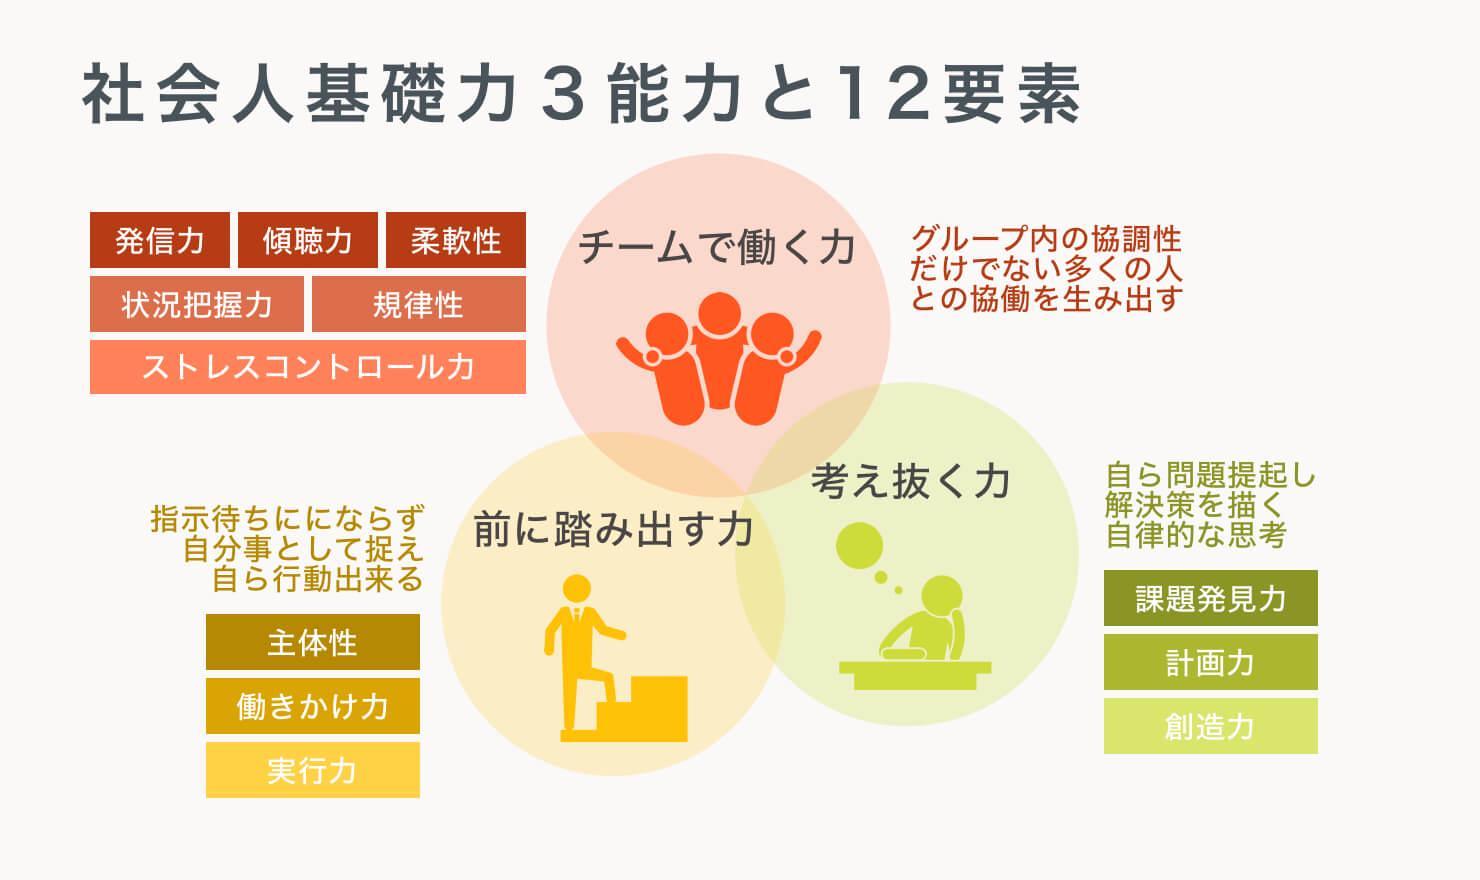 社会人基礎力3能力と12要素